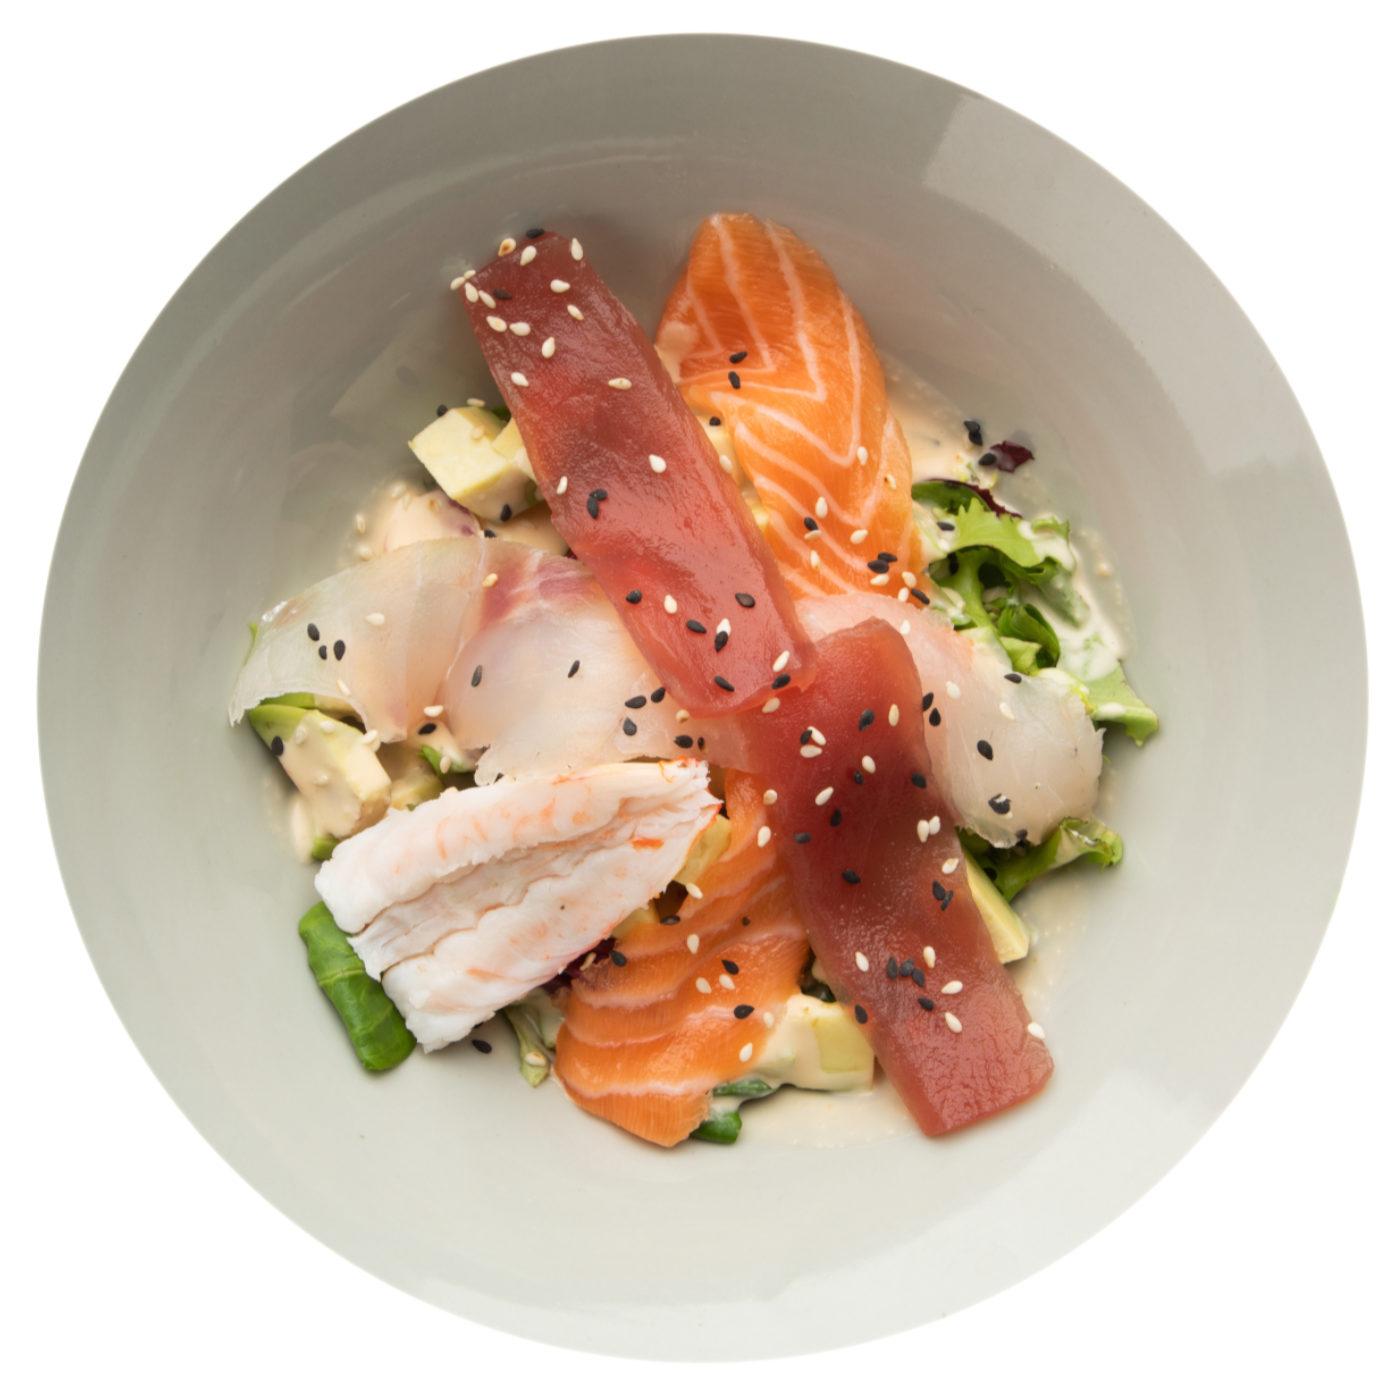 insalata con sashimi crudo di pesce